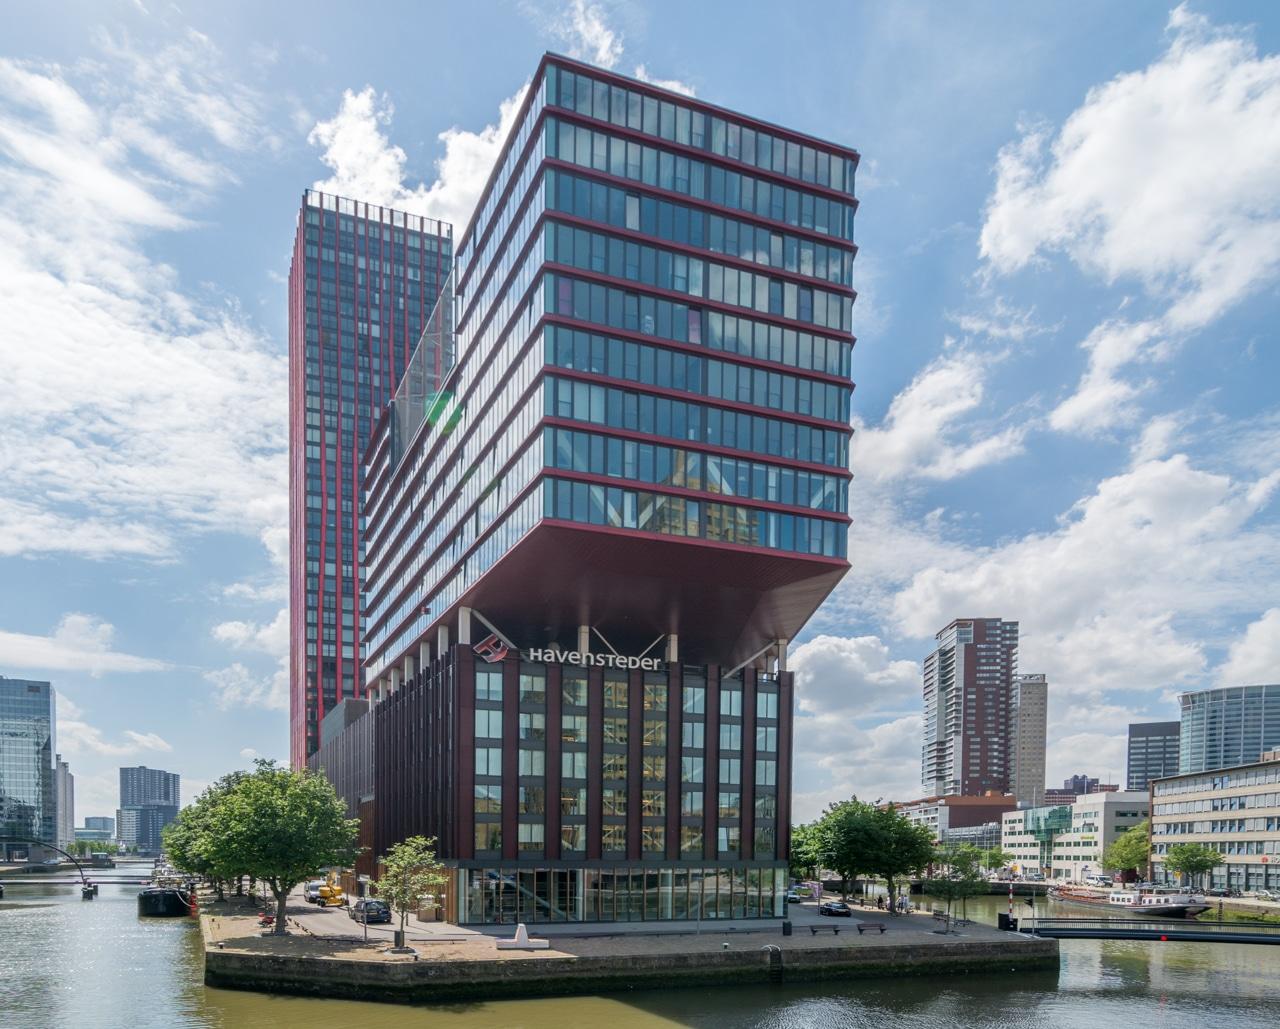 Роттердам - Хавенстедер Роттердам Роттердам (Rotterdam), Нидерланды Rotterdam Havensteder